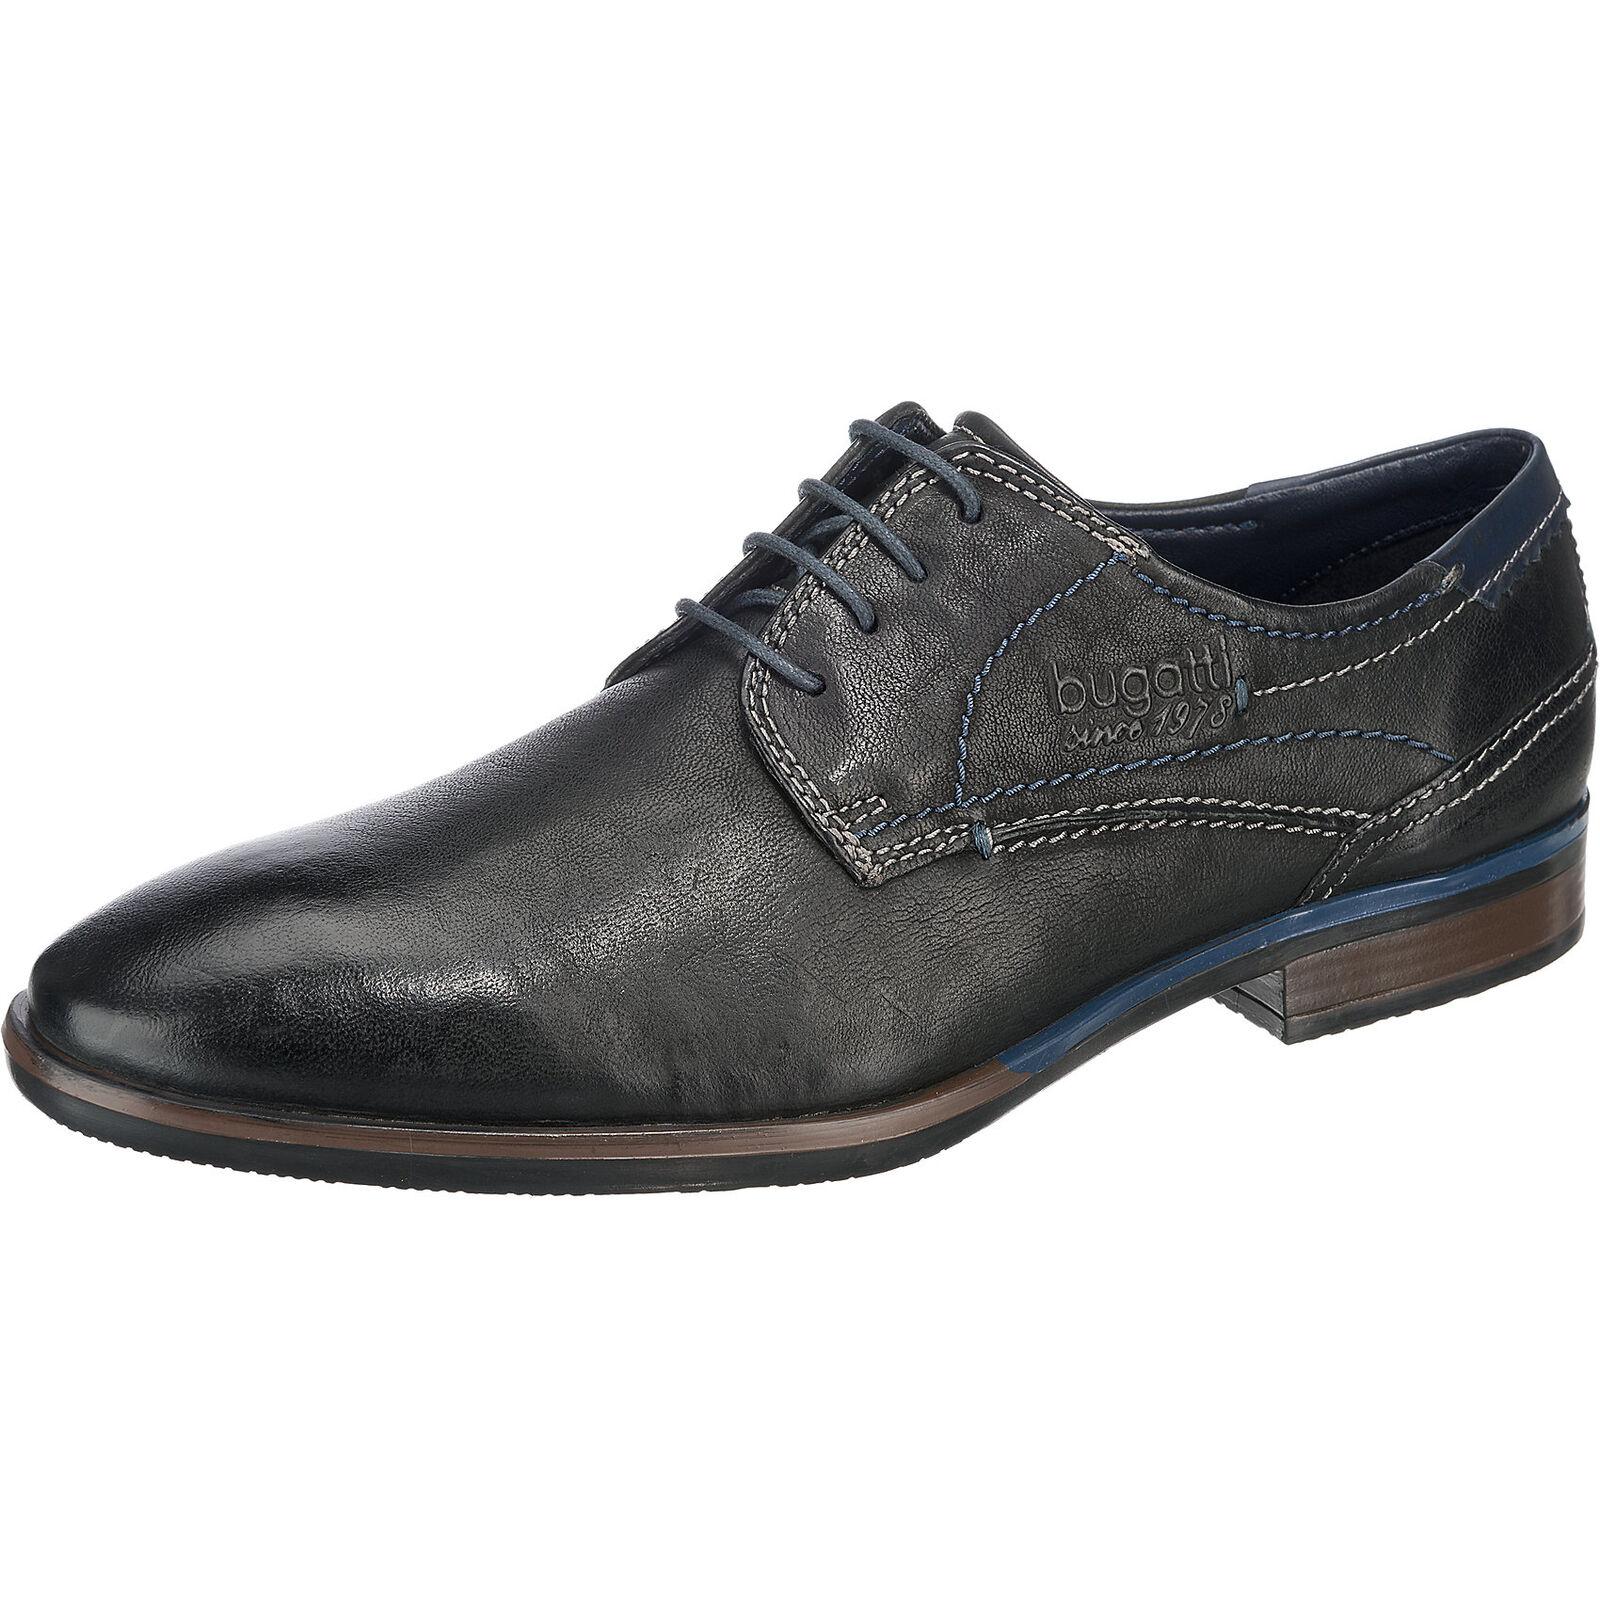 Neu 6959708 schwarz Schuhe Freizeit bugatti b6bb4czlw53421